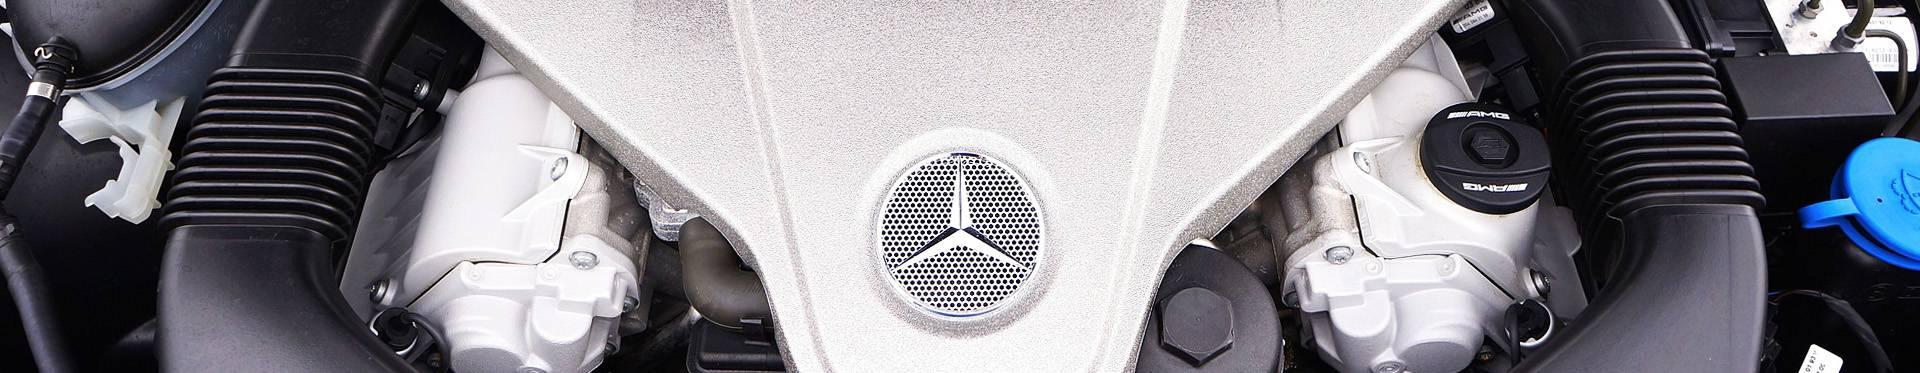 Motorrreiniger von Koch Chemie für die Autopflege und Autoaufbereitung jetzt online kaufen auf deutsche-autopflege.de